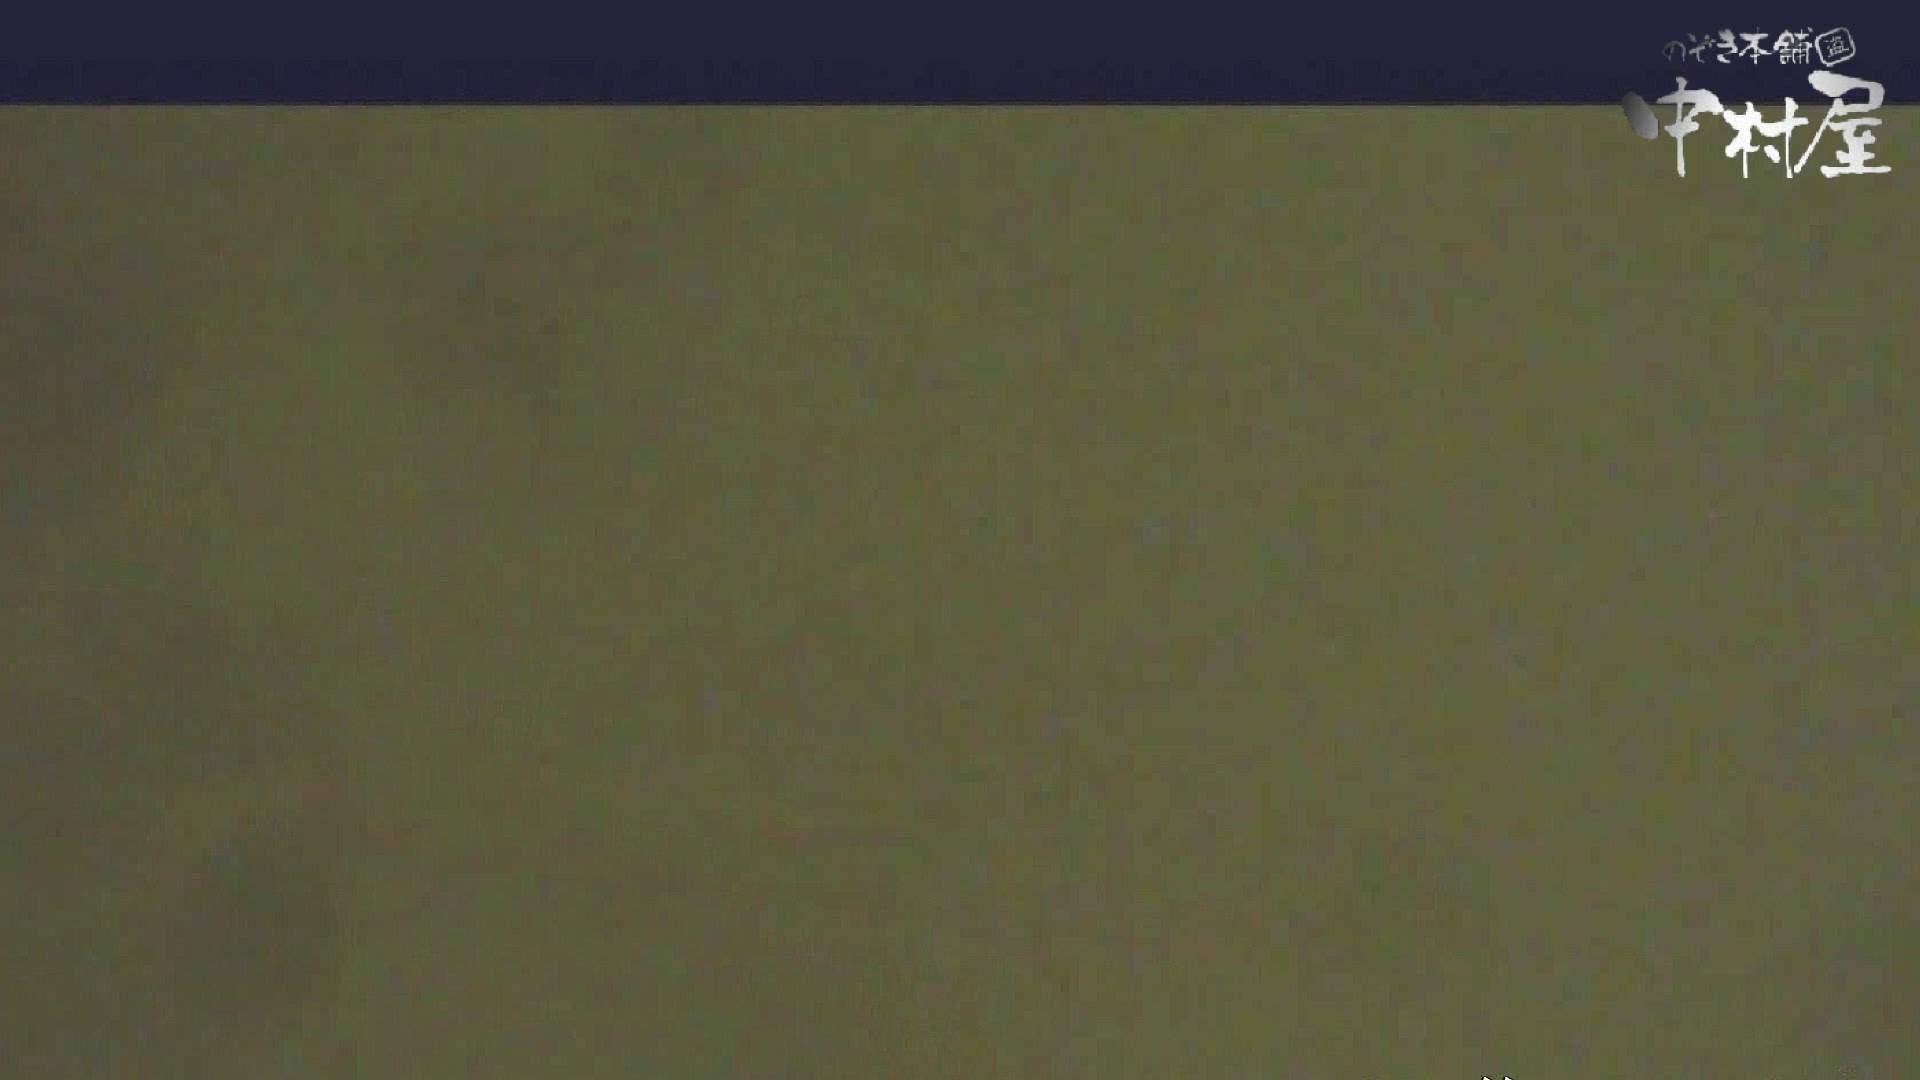 始動します‼雅さんの独断と偏見で集めた動画集 Vol.9 0 | 0  61pic 21